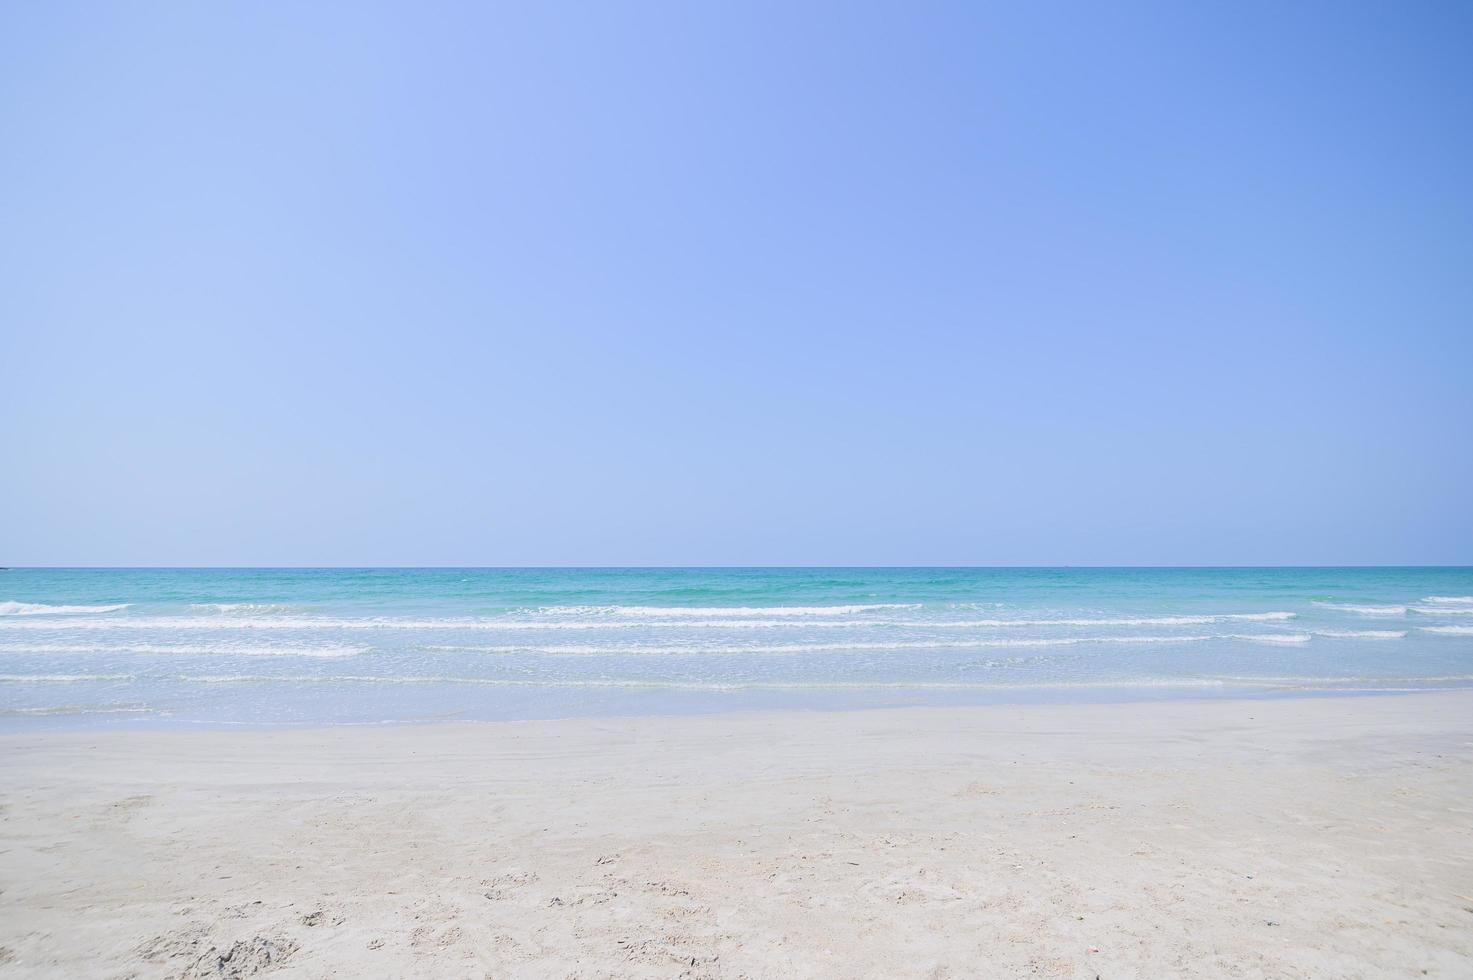 vista della spiaggia da un litorale australiano foto